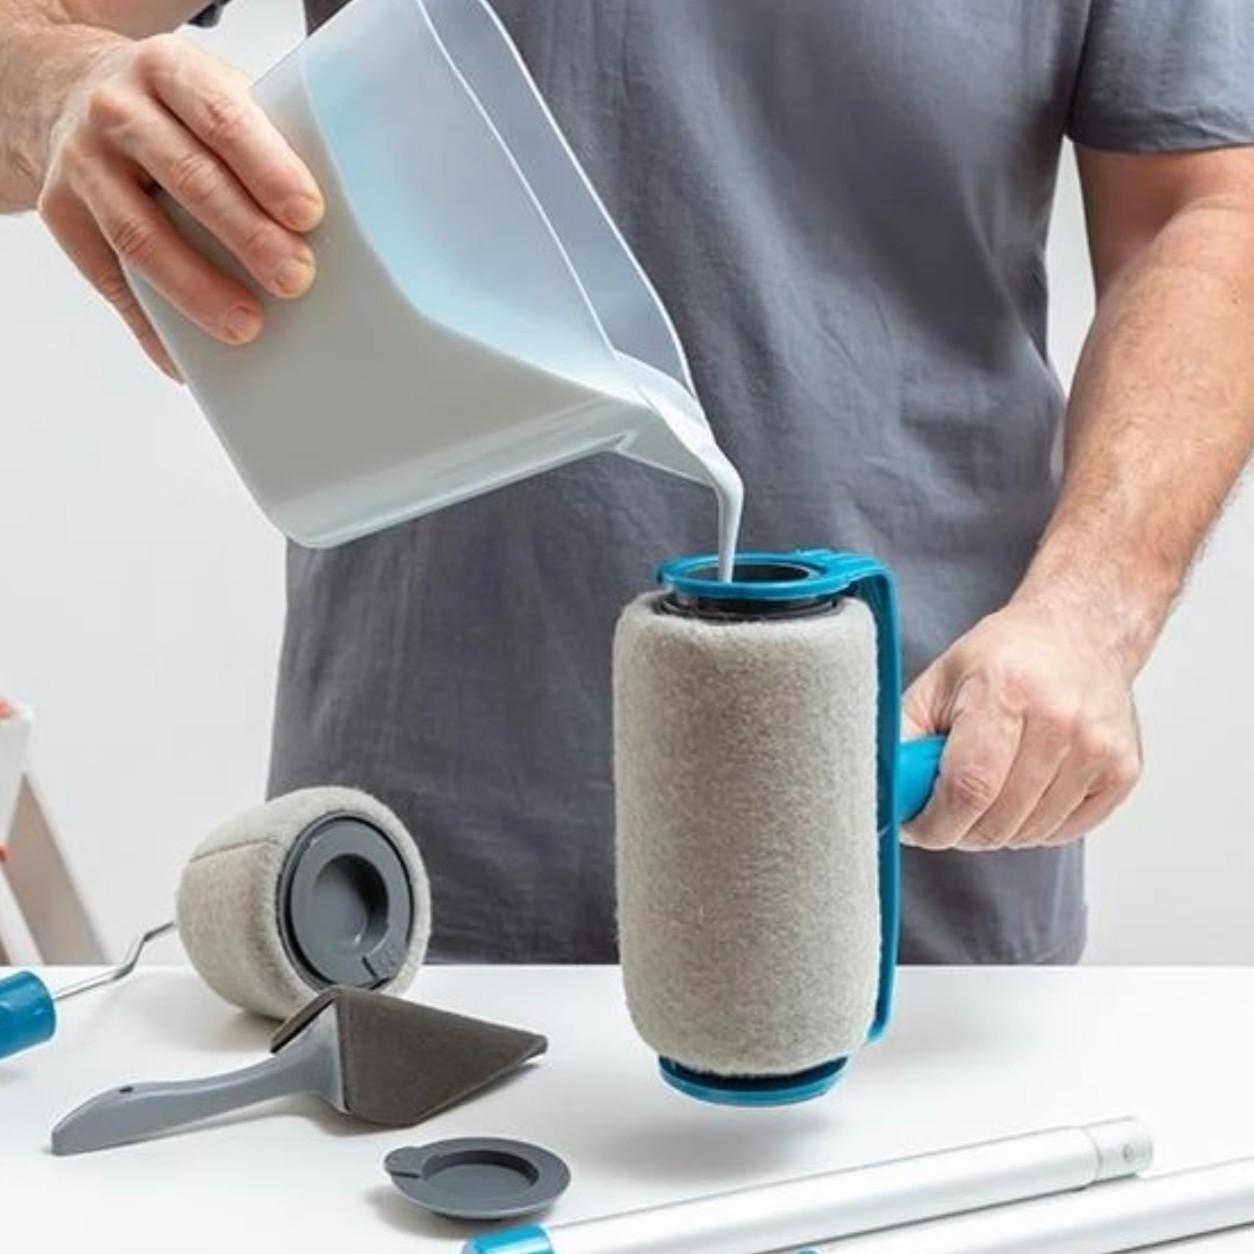 Paint Roller Professzionális Festőhenger Készlet Adagoló Tartállyal.'